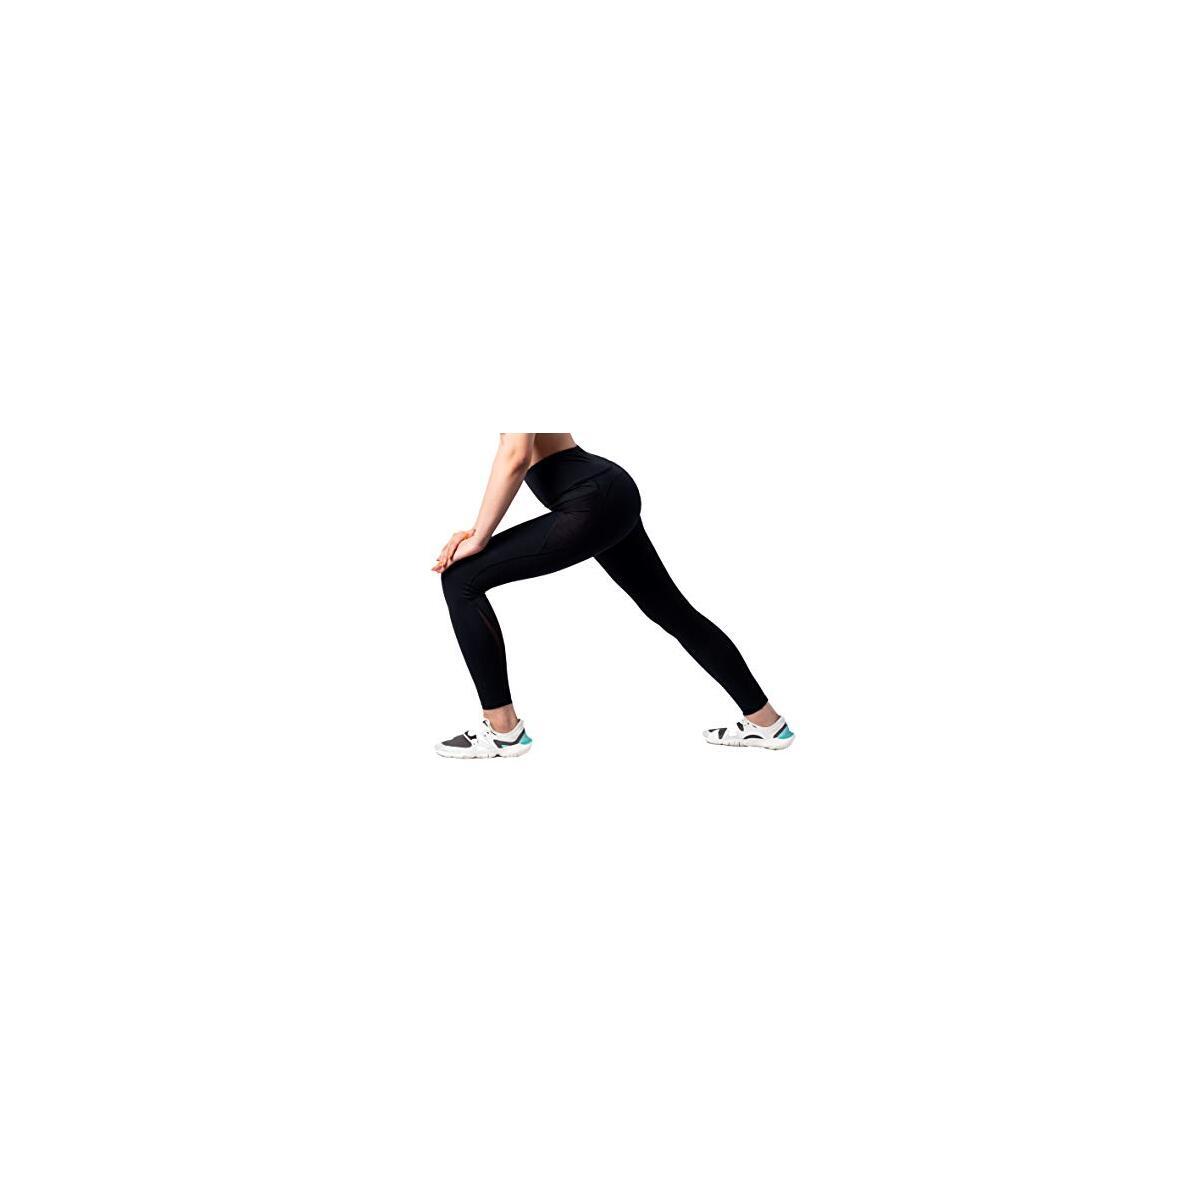 yoga leggings workout leggings for women high waist halloween leggings for women